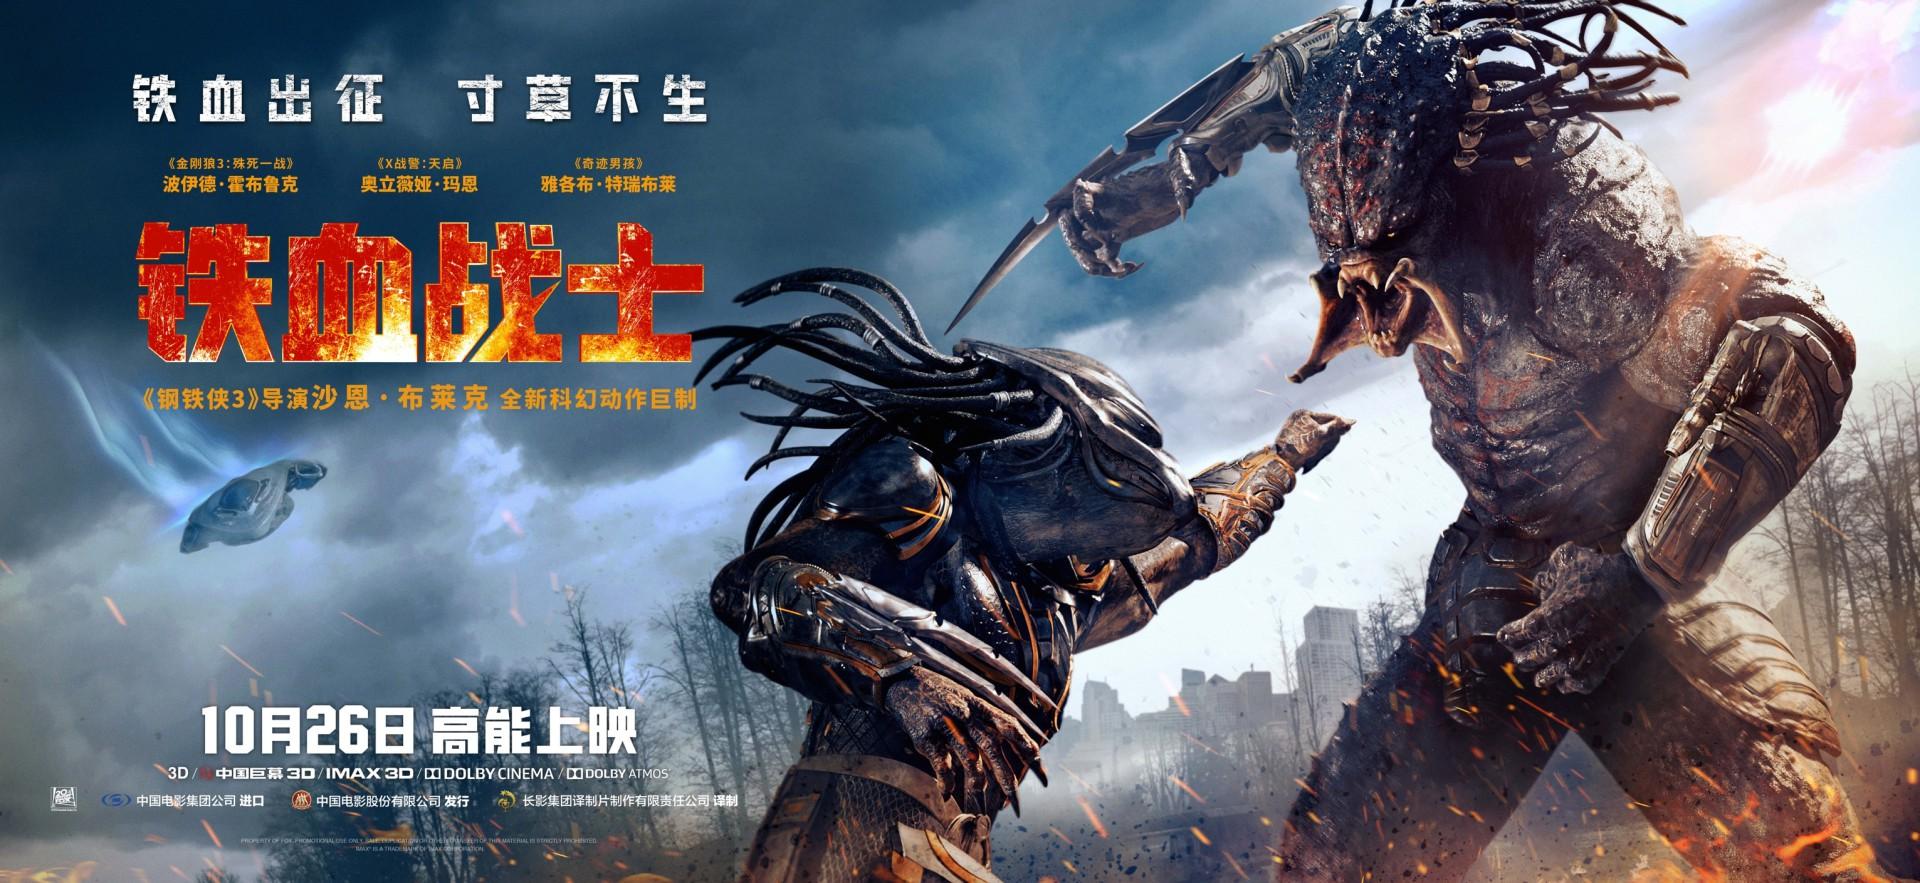 《铁血战士》中文终极海报 铁血战士疯起来连自己人都打-迷你酷-MINICOLL